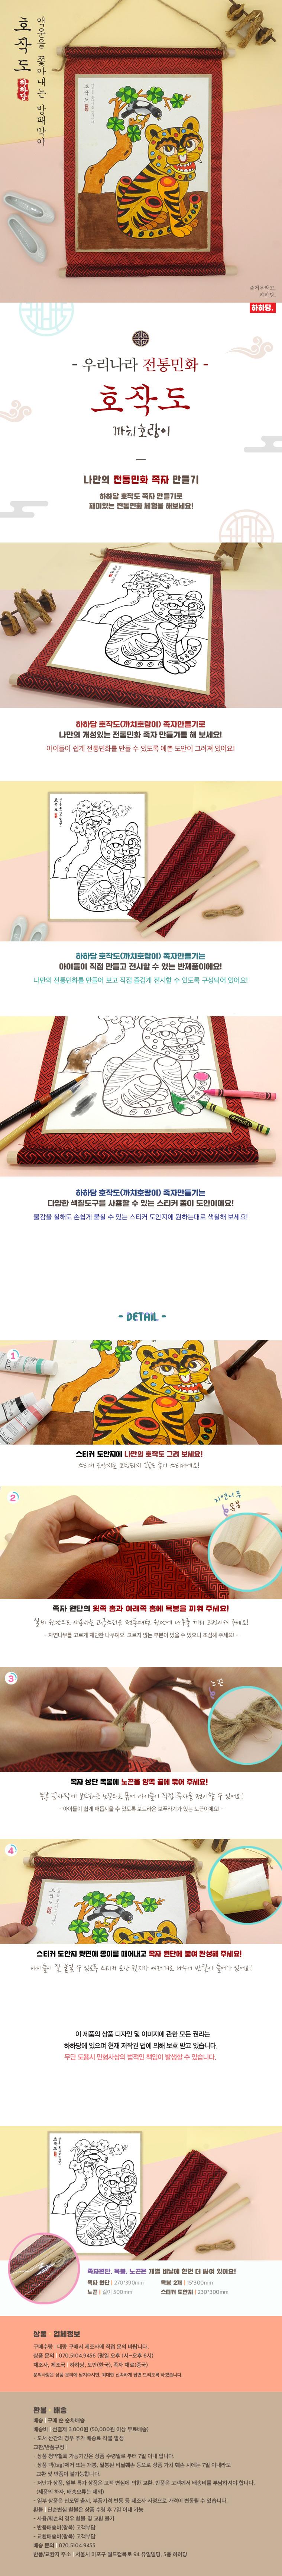 전통민화 족자 - 호작도 - 하하당, 3,500원, 미술놀이, 미술교구